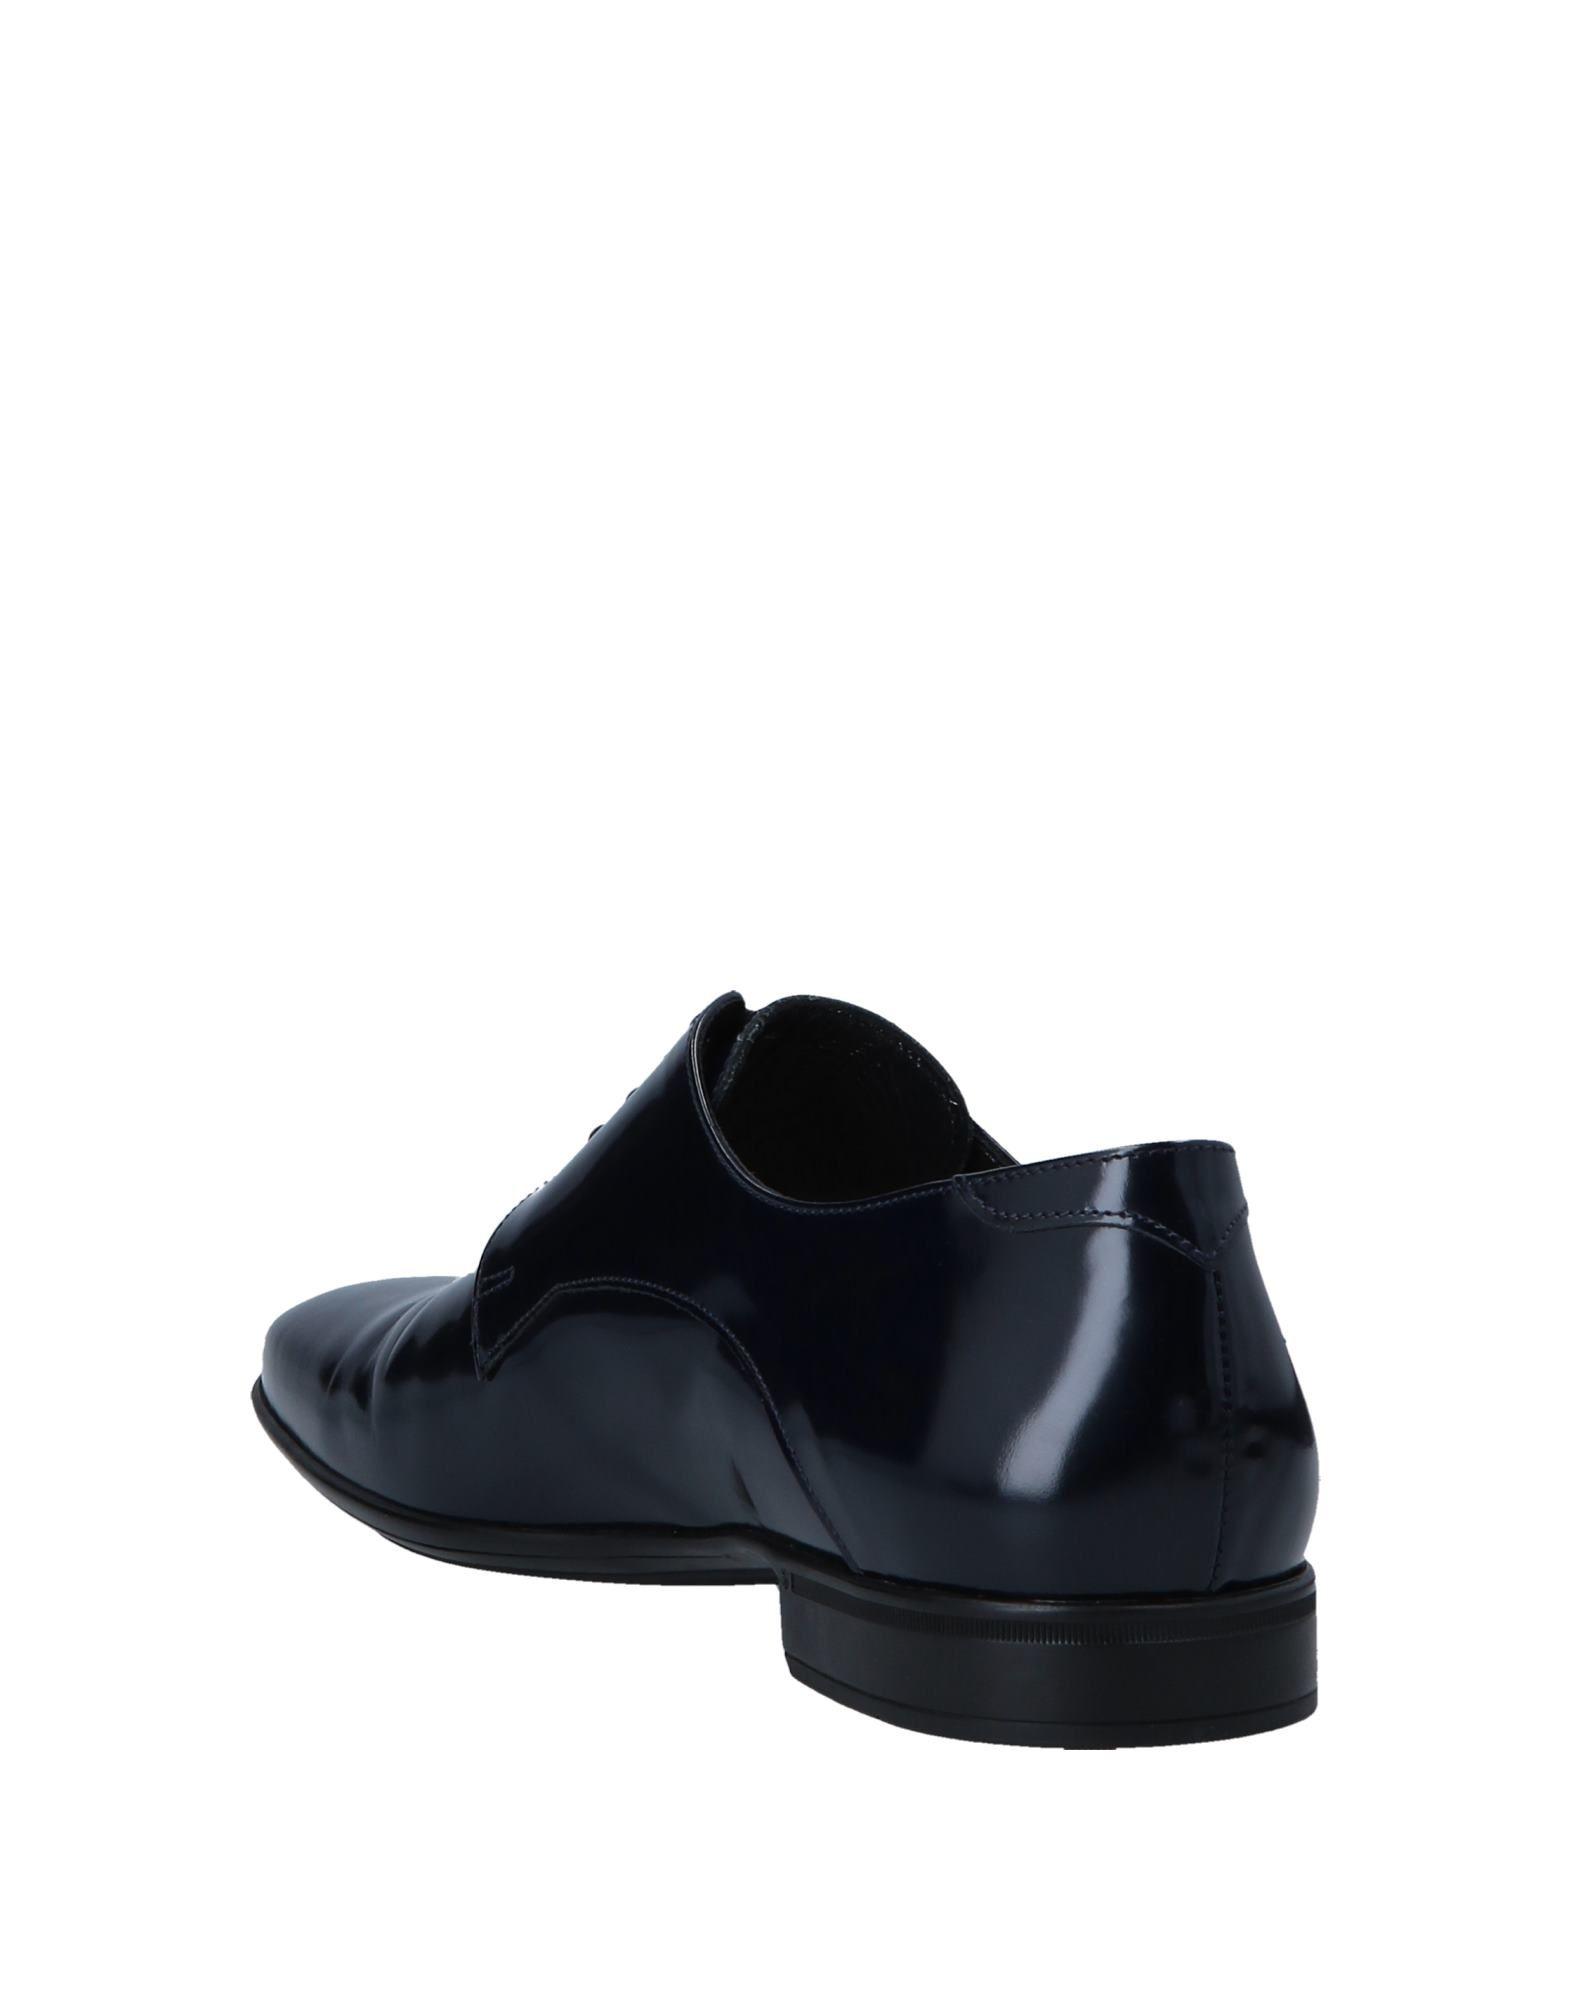 Rabatt echte Principe Schuhe Principe echte Di Milano Schnürschuhe Herren  11549875OA 980f2d